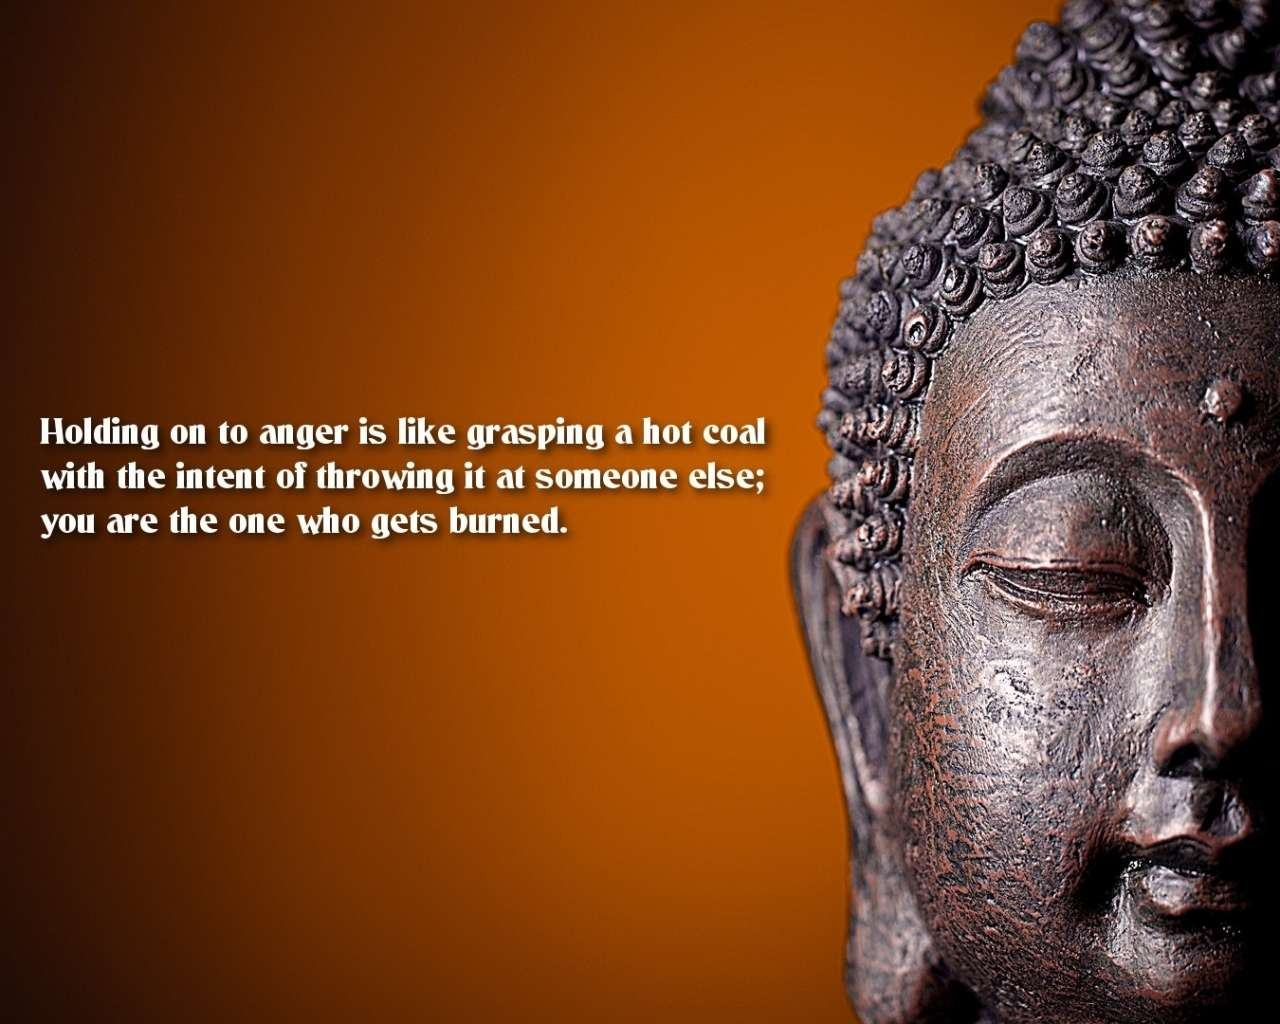 zen quote wallpapers - photo #39